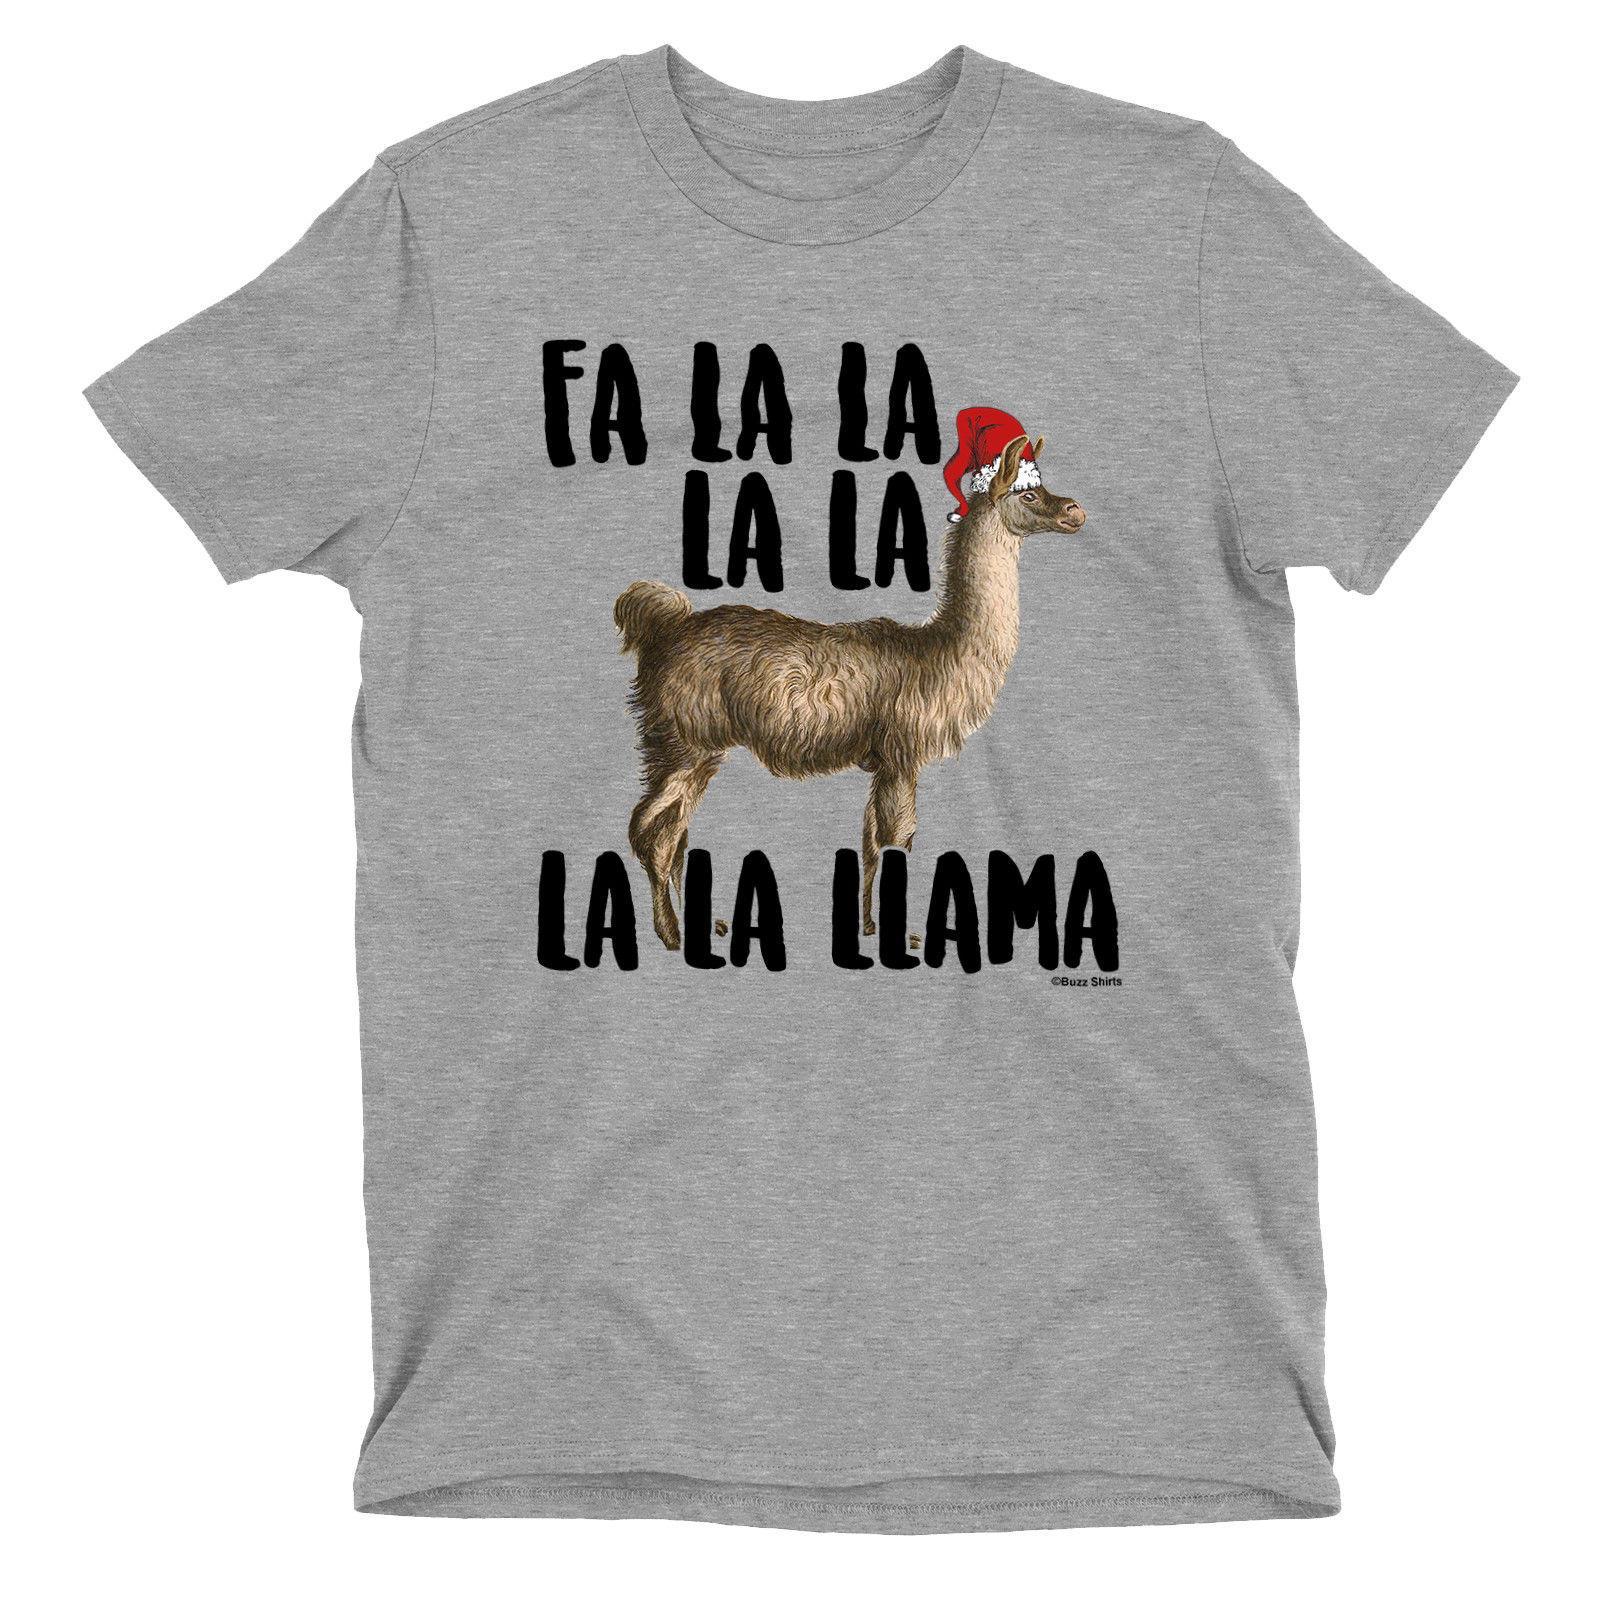 Llama Christmas Shirt.Mens T Shirt Fa La La Llama Christmas Santa Hat Funny Novelty Top Classic Quality High T Shirt T Shirt Shopping Awesome Tee Shirts From Shipcup